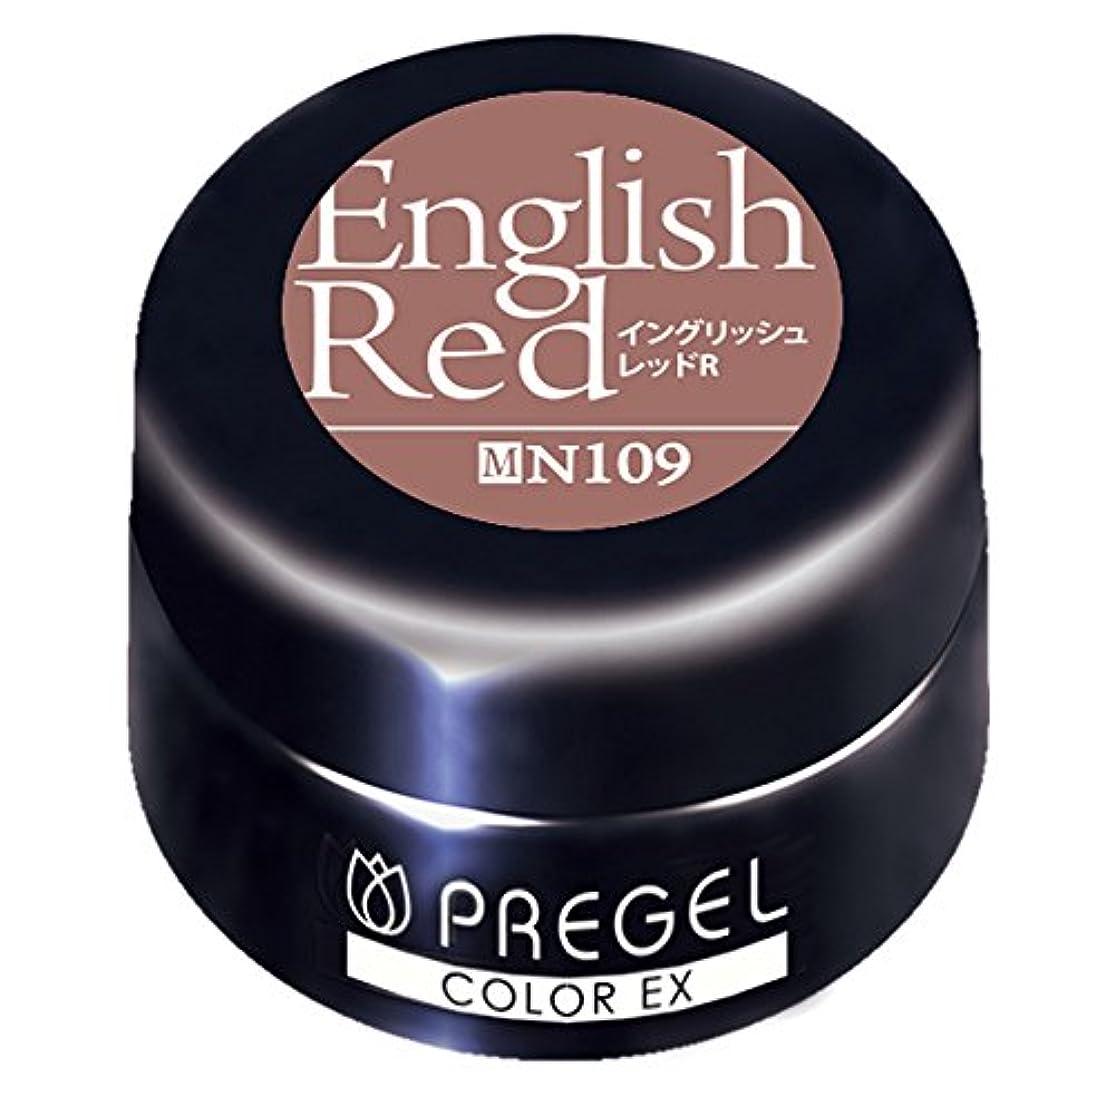 置くためにパック禁じるメドレーPRE GEL カラージェル カラーEX イングリッシュレッド R109 3g UV/LED対応タイオウ